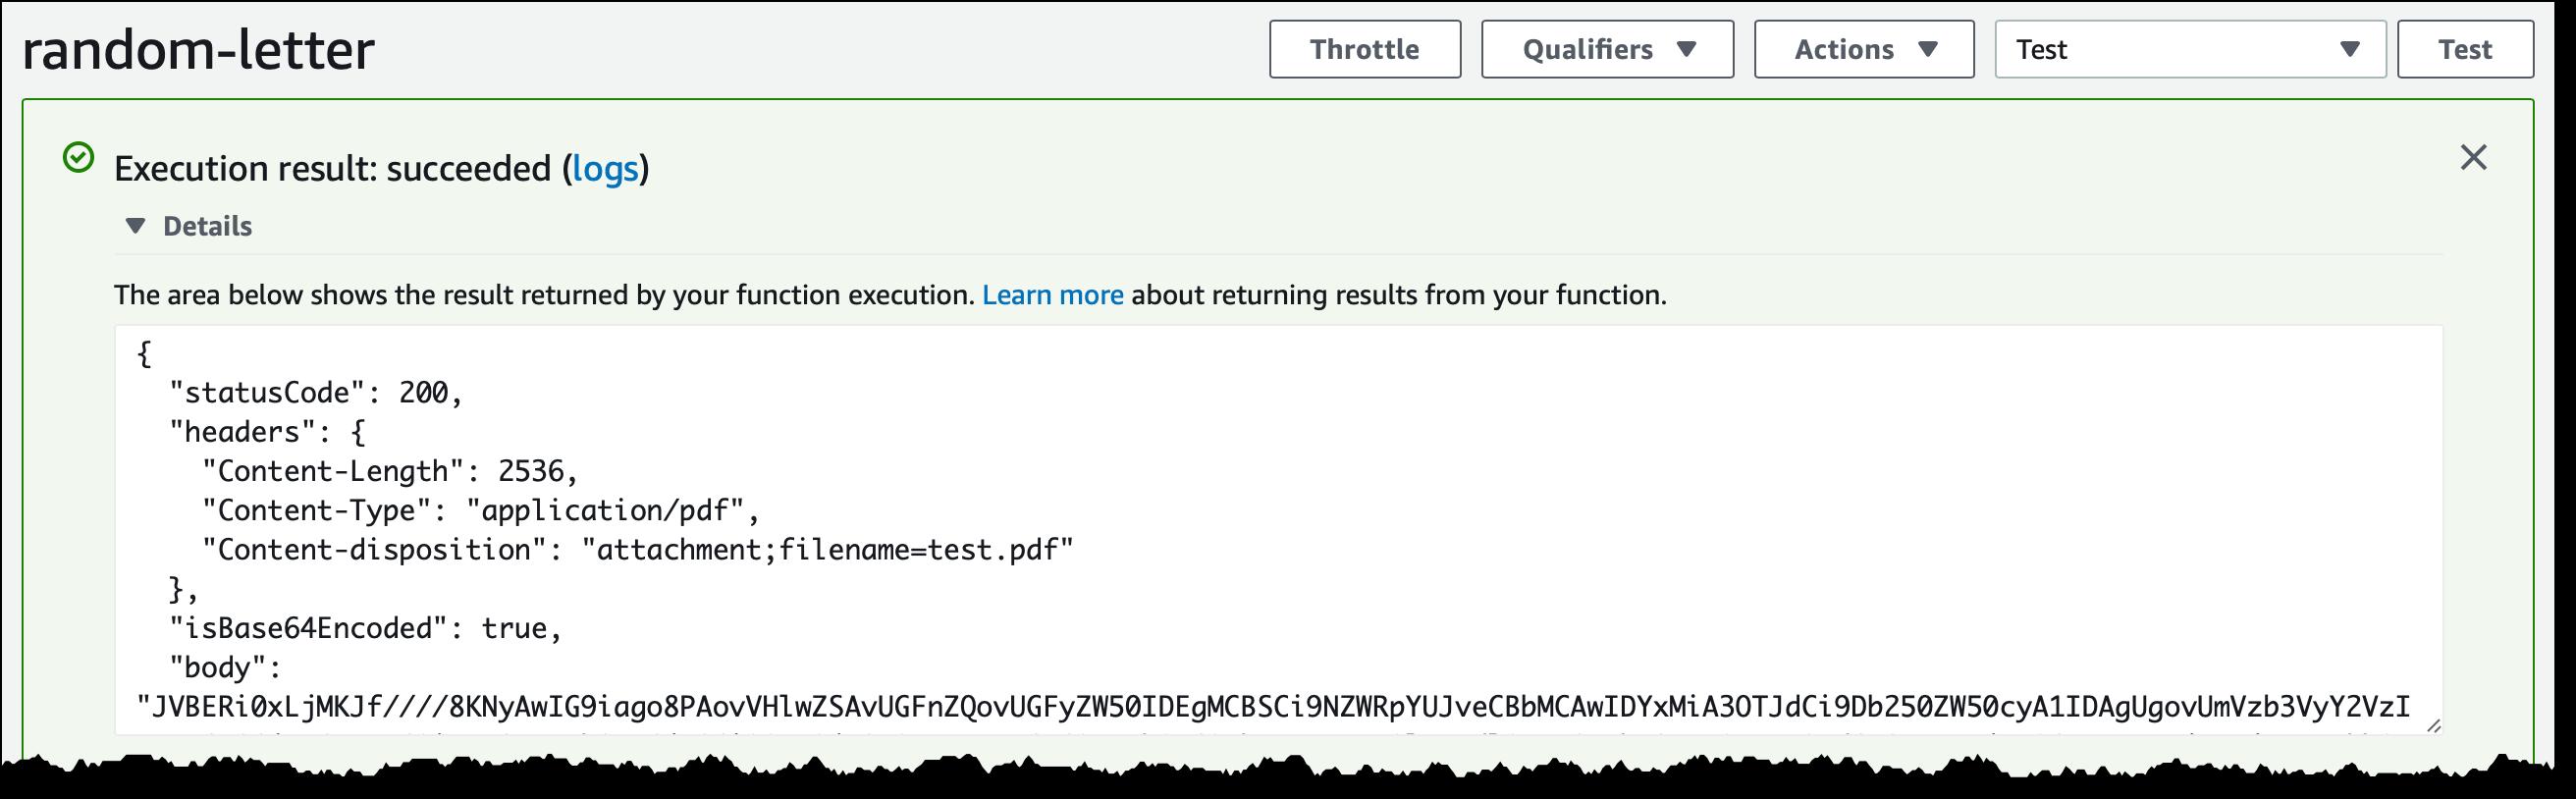 Скриншот консоли AWS: результат тестирования Lambda-функции